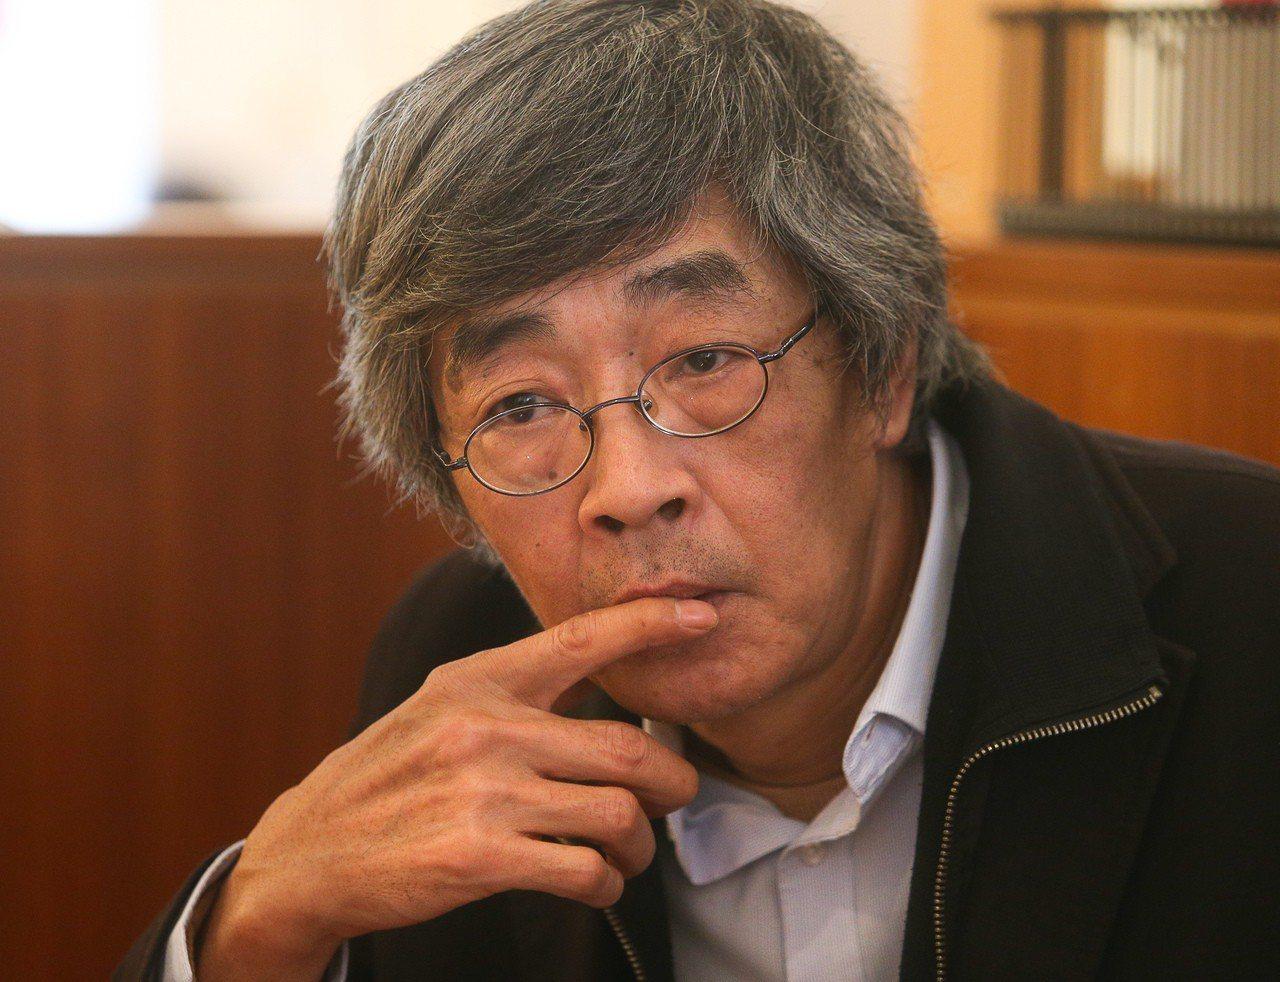 香港銅鑼灣書店事件主角之一的林榮基曾在台北出席公視紀錄片「并:控制」特映會後接受...